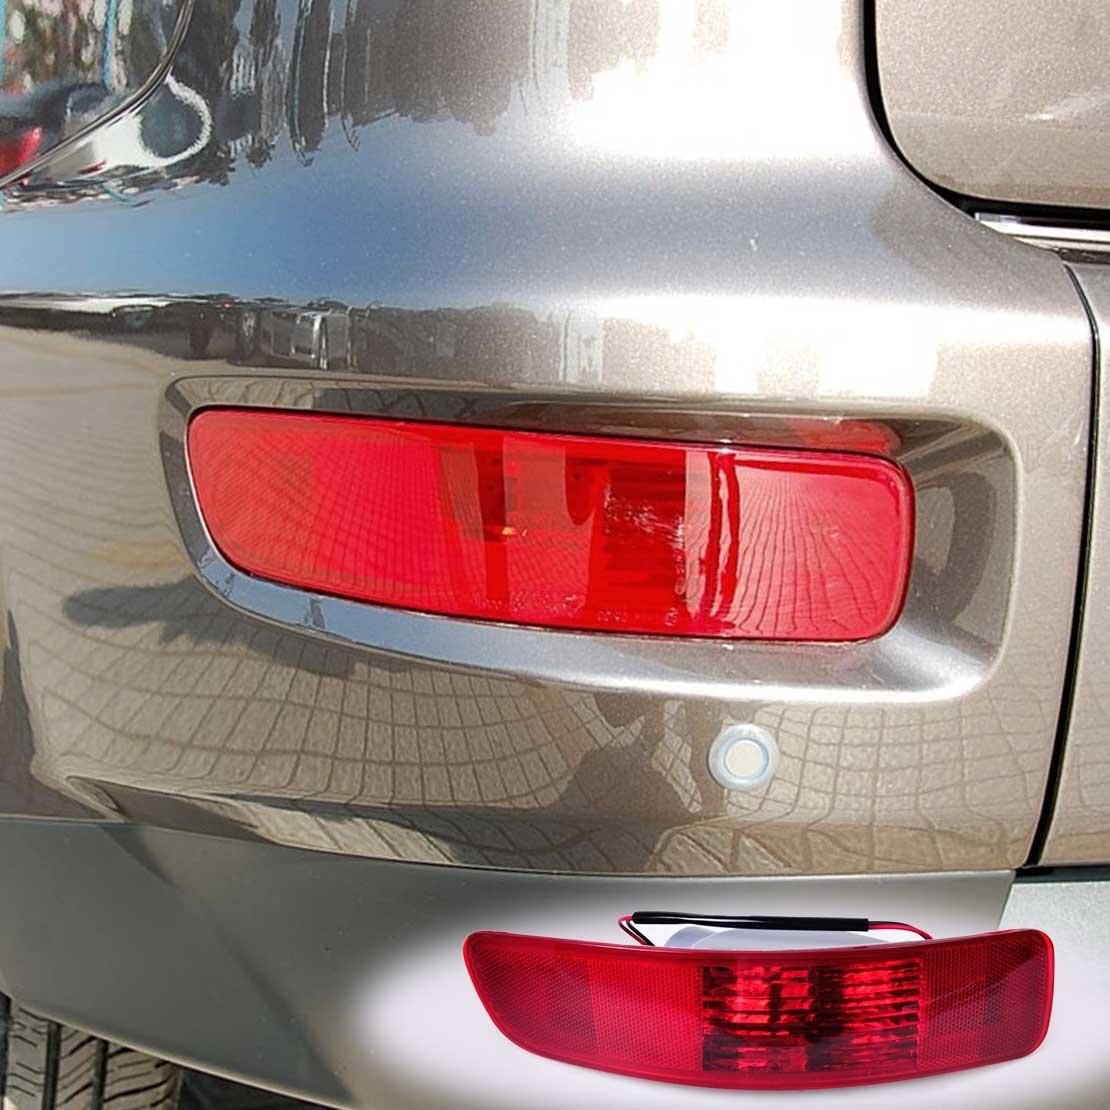 beler 1Pc New Rear Fog Lamp Light Left Side SL693-LH SL693 Fit for Mitsubishi Outlander 2007 2008 2009 2010 2011 2012 2013 1pcs lh left side tail fog lamp red rear bumper light cd85 51 660 for mazda 5 2008